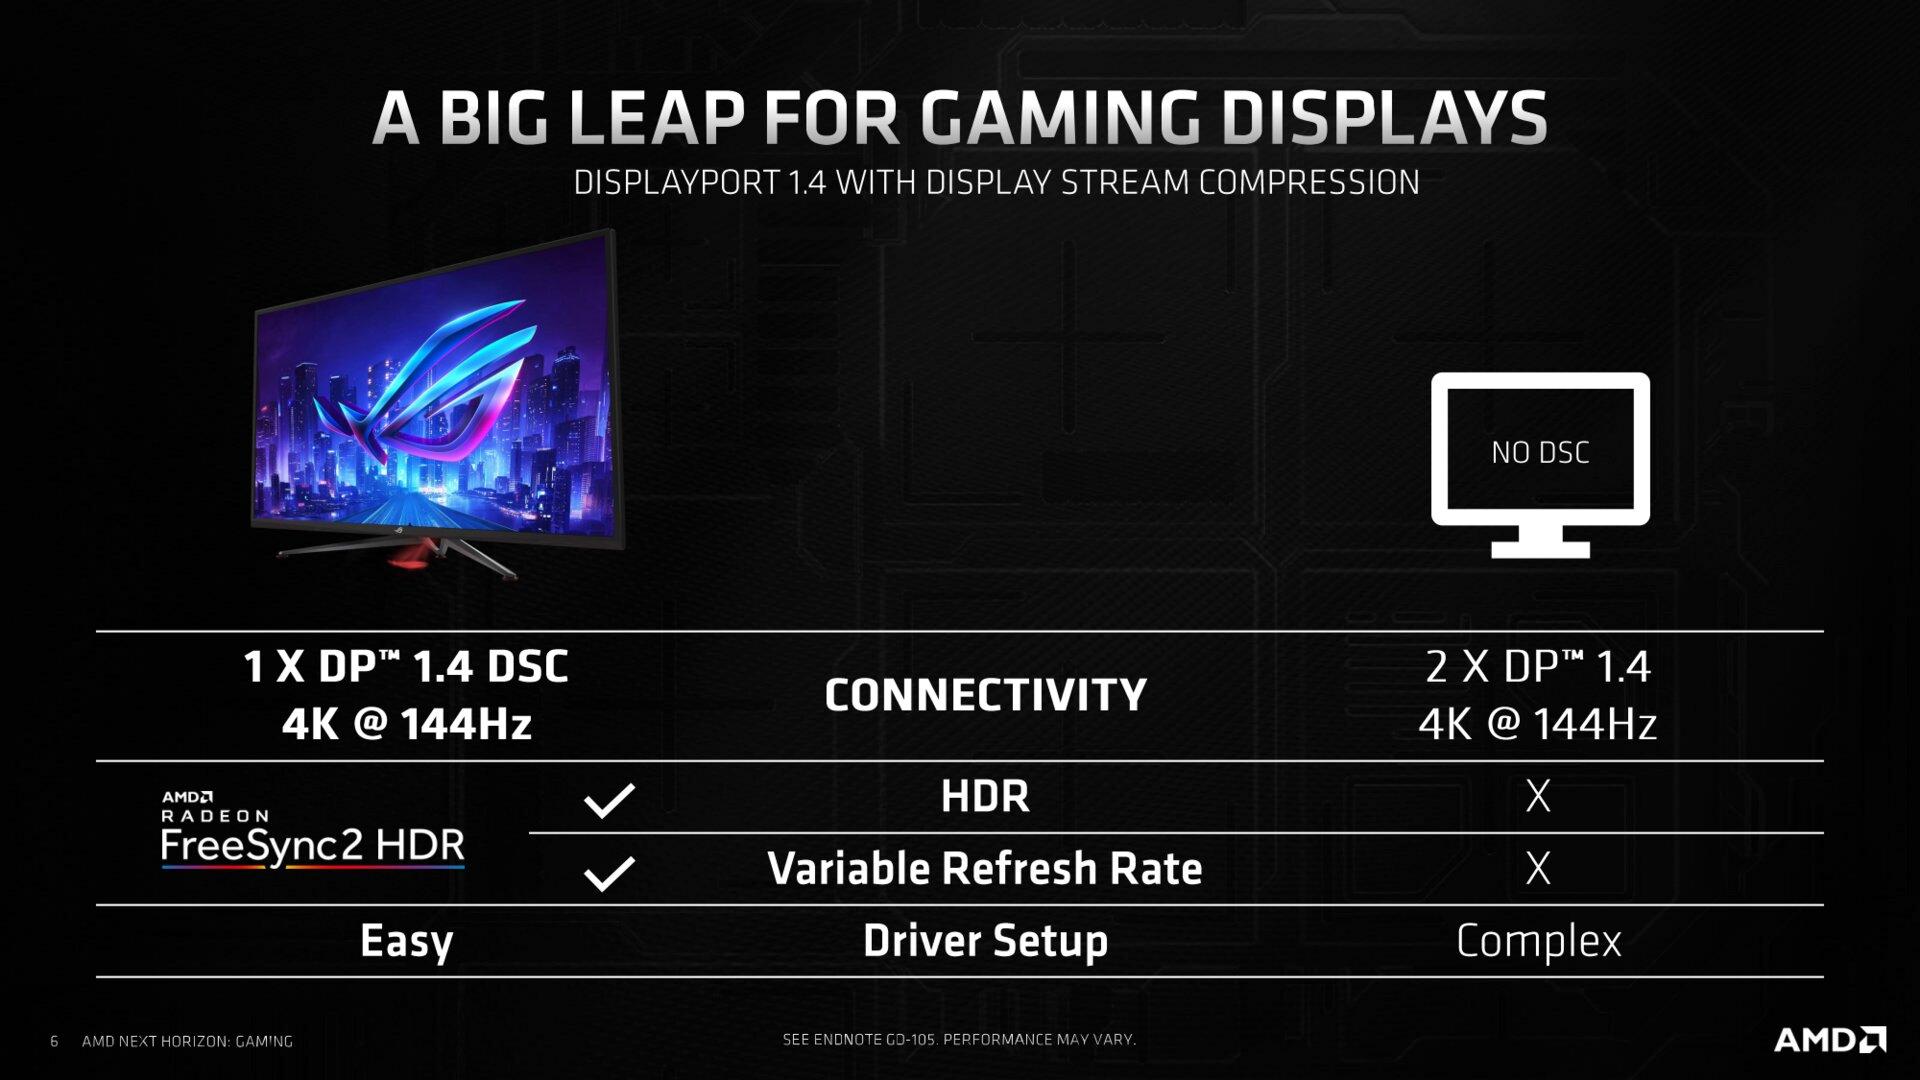 Asus-Monitor mit DisplayPort 1.4 + DSC